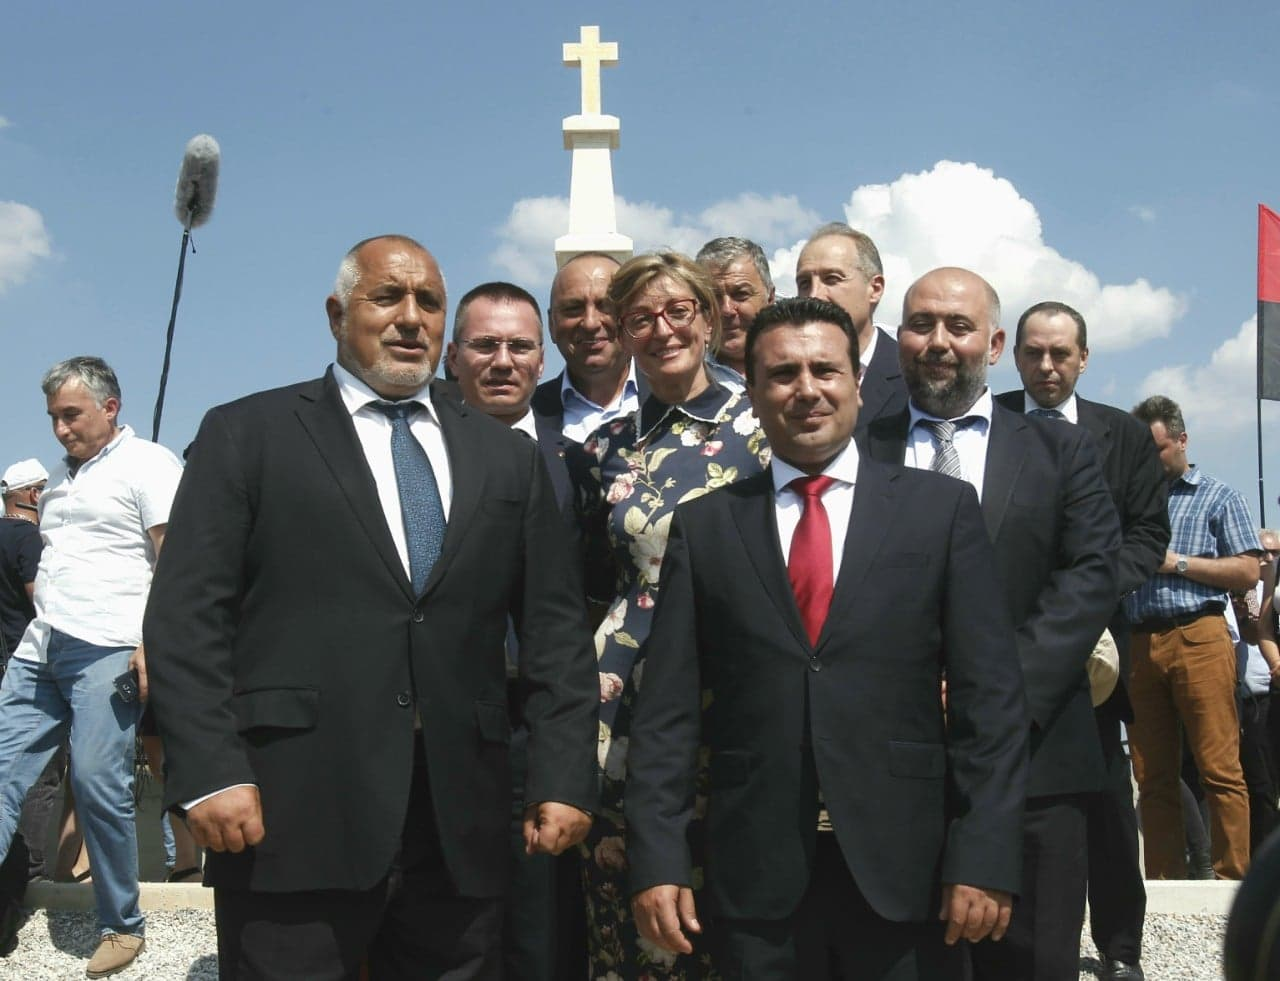 Βόρεια Μακεδονία: Χωρίς τη συμμετοχή της Βουλγαρίας οι εορτασμοί του Ilinden